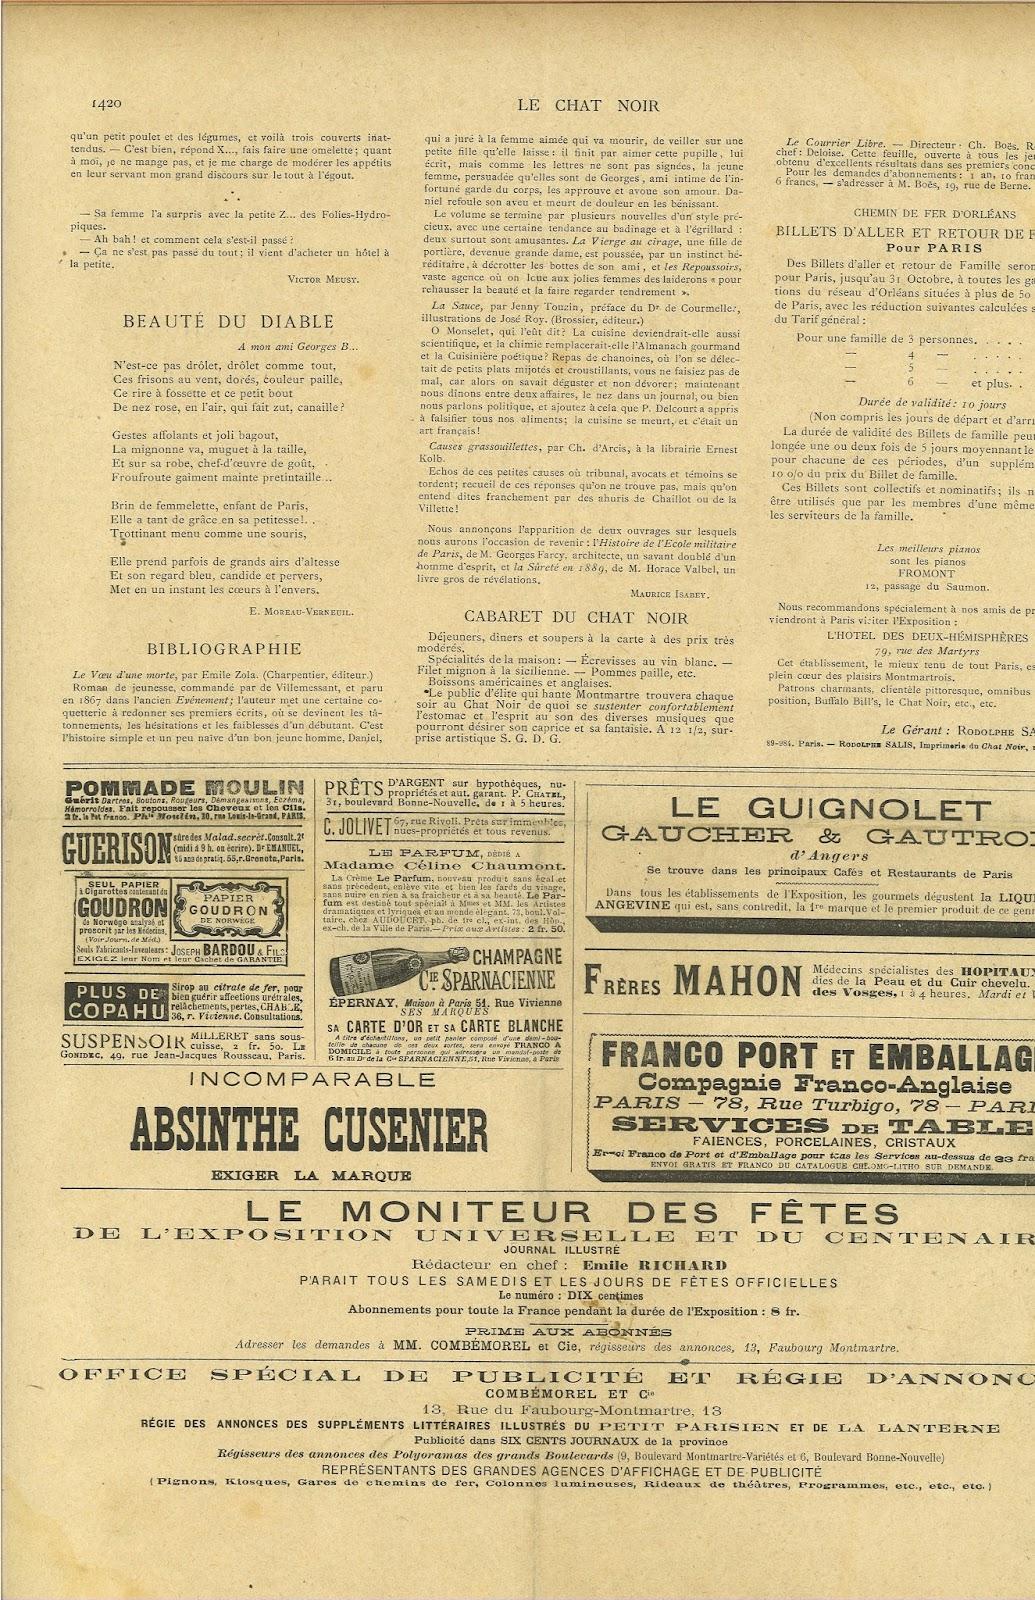 """Paille De Fer Souris the archive of the revenant avant-garde: """"chat noir"""" collection"""